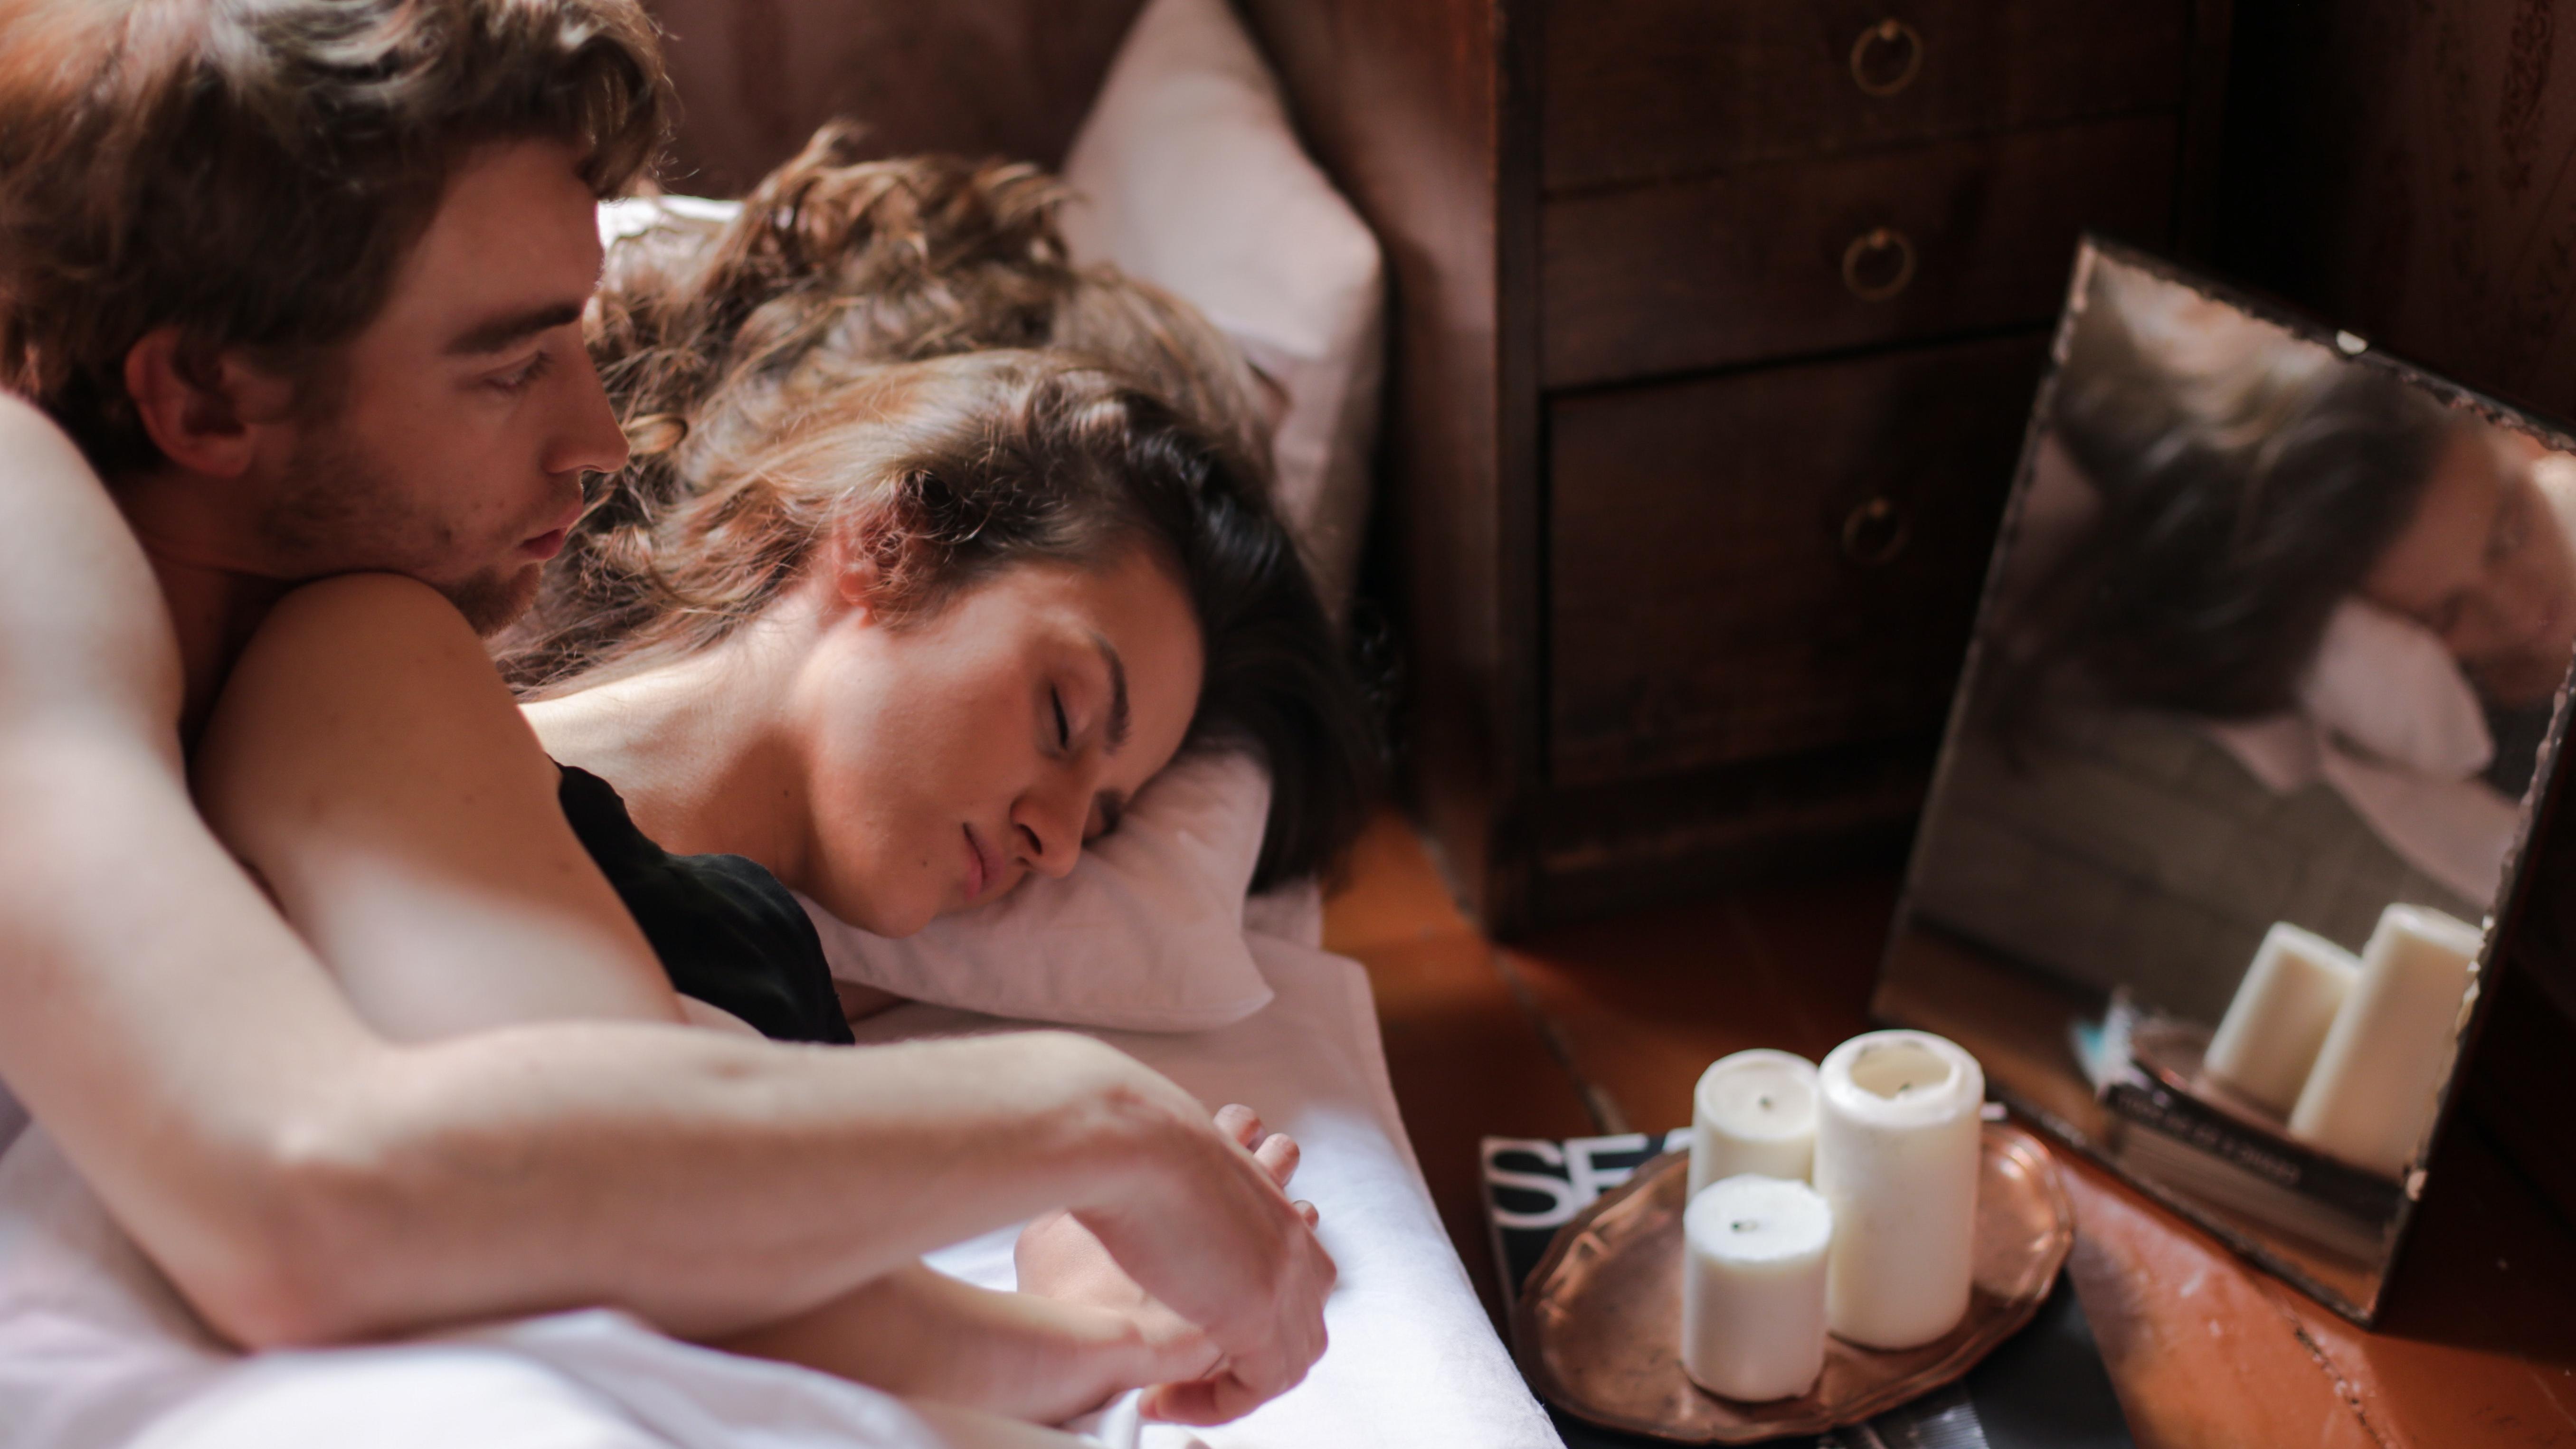 Die Löffelchenposition ist eine gängige Schlafposition bei vielen Paaren.